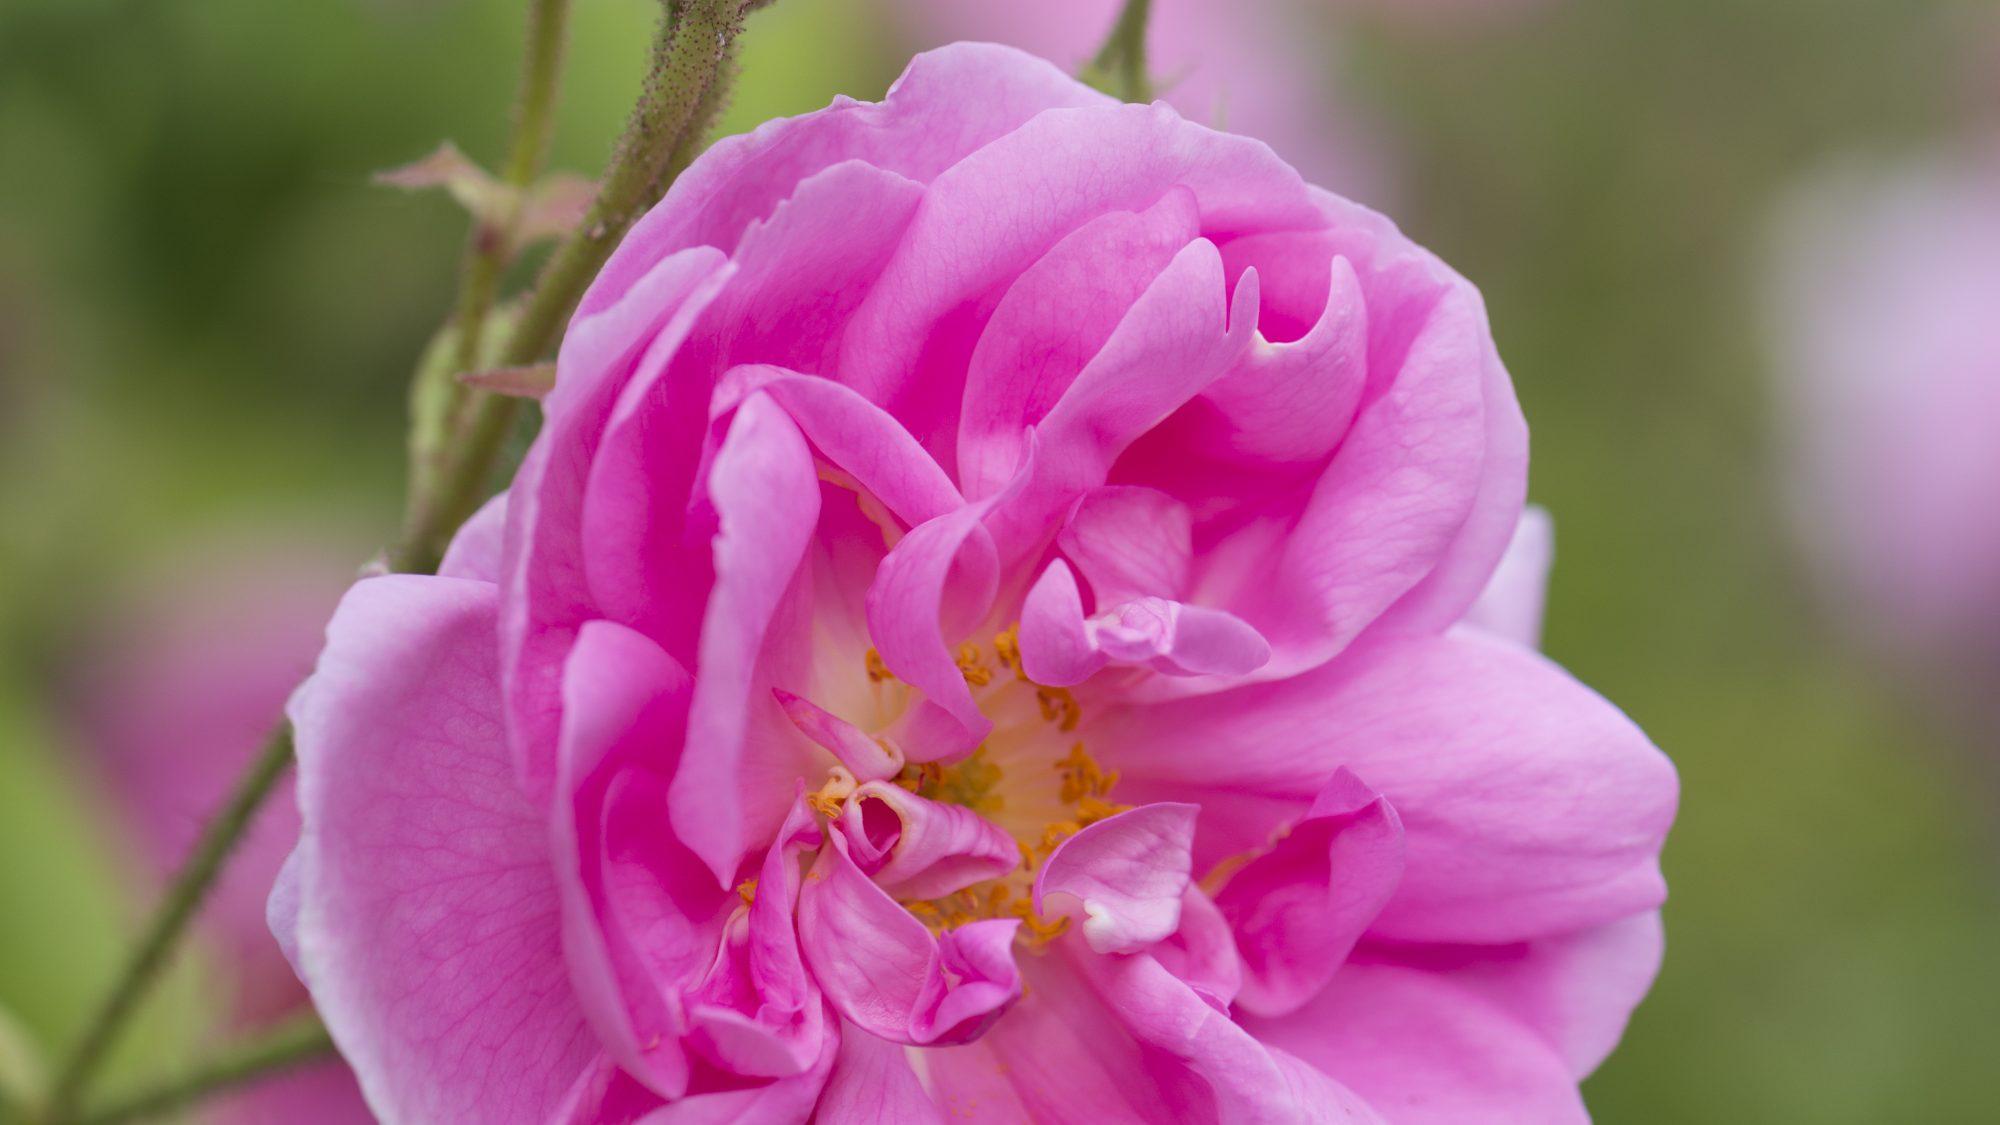 Spring flowering rose in the rose garden.